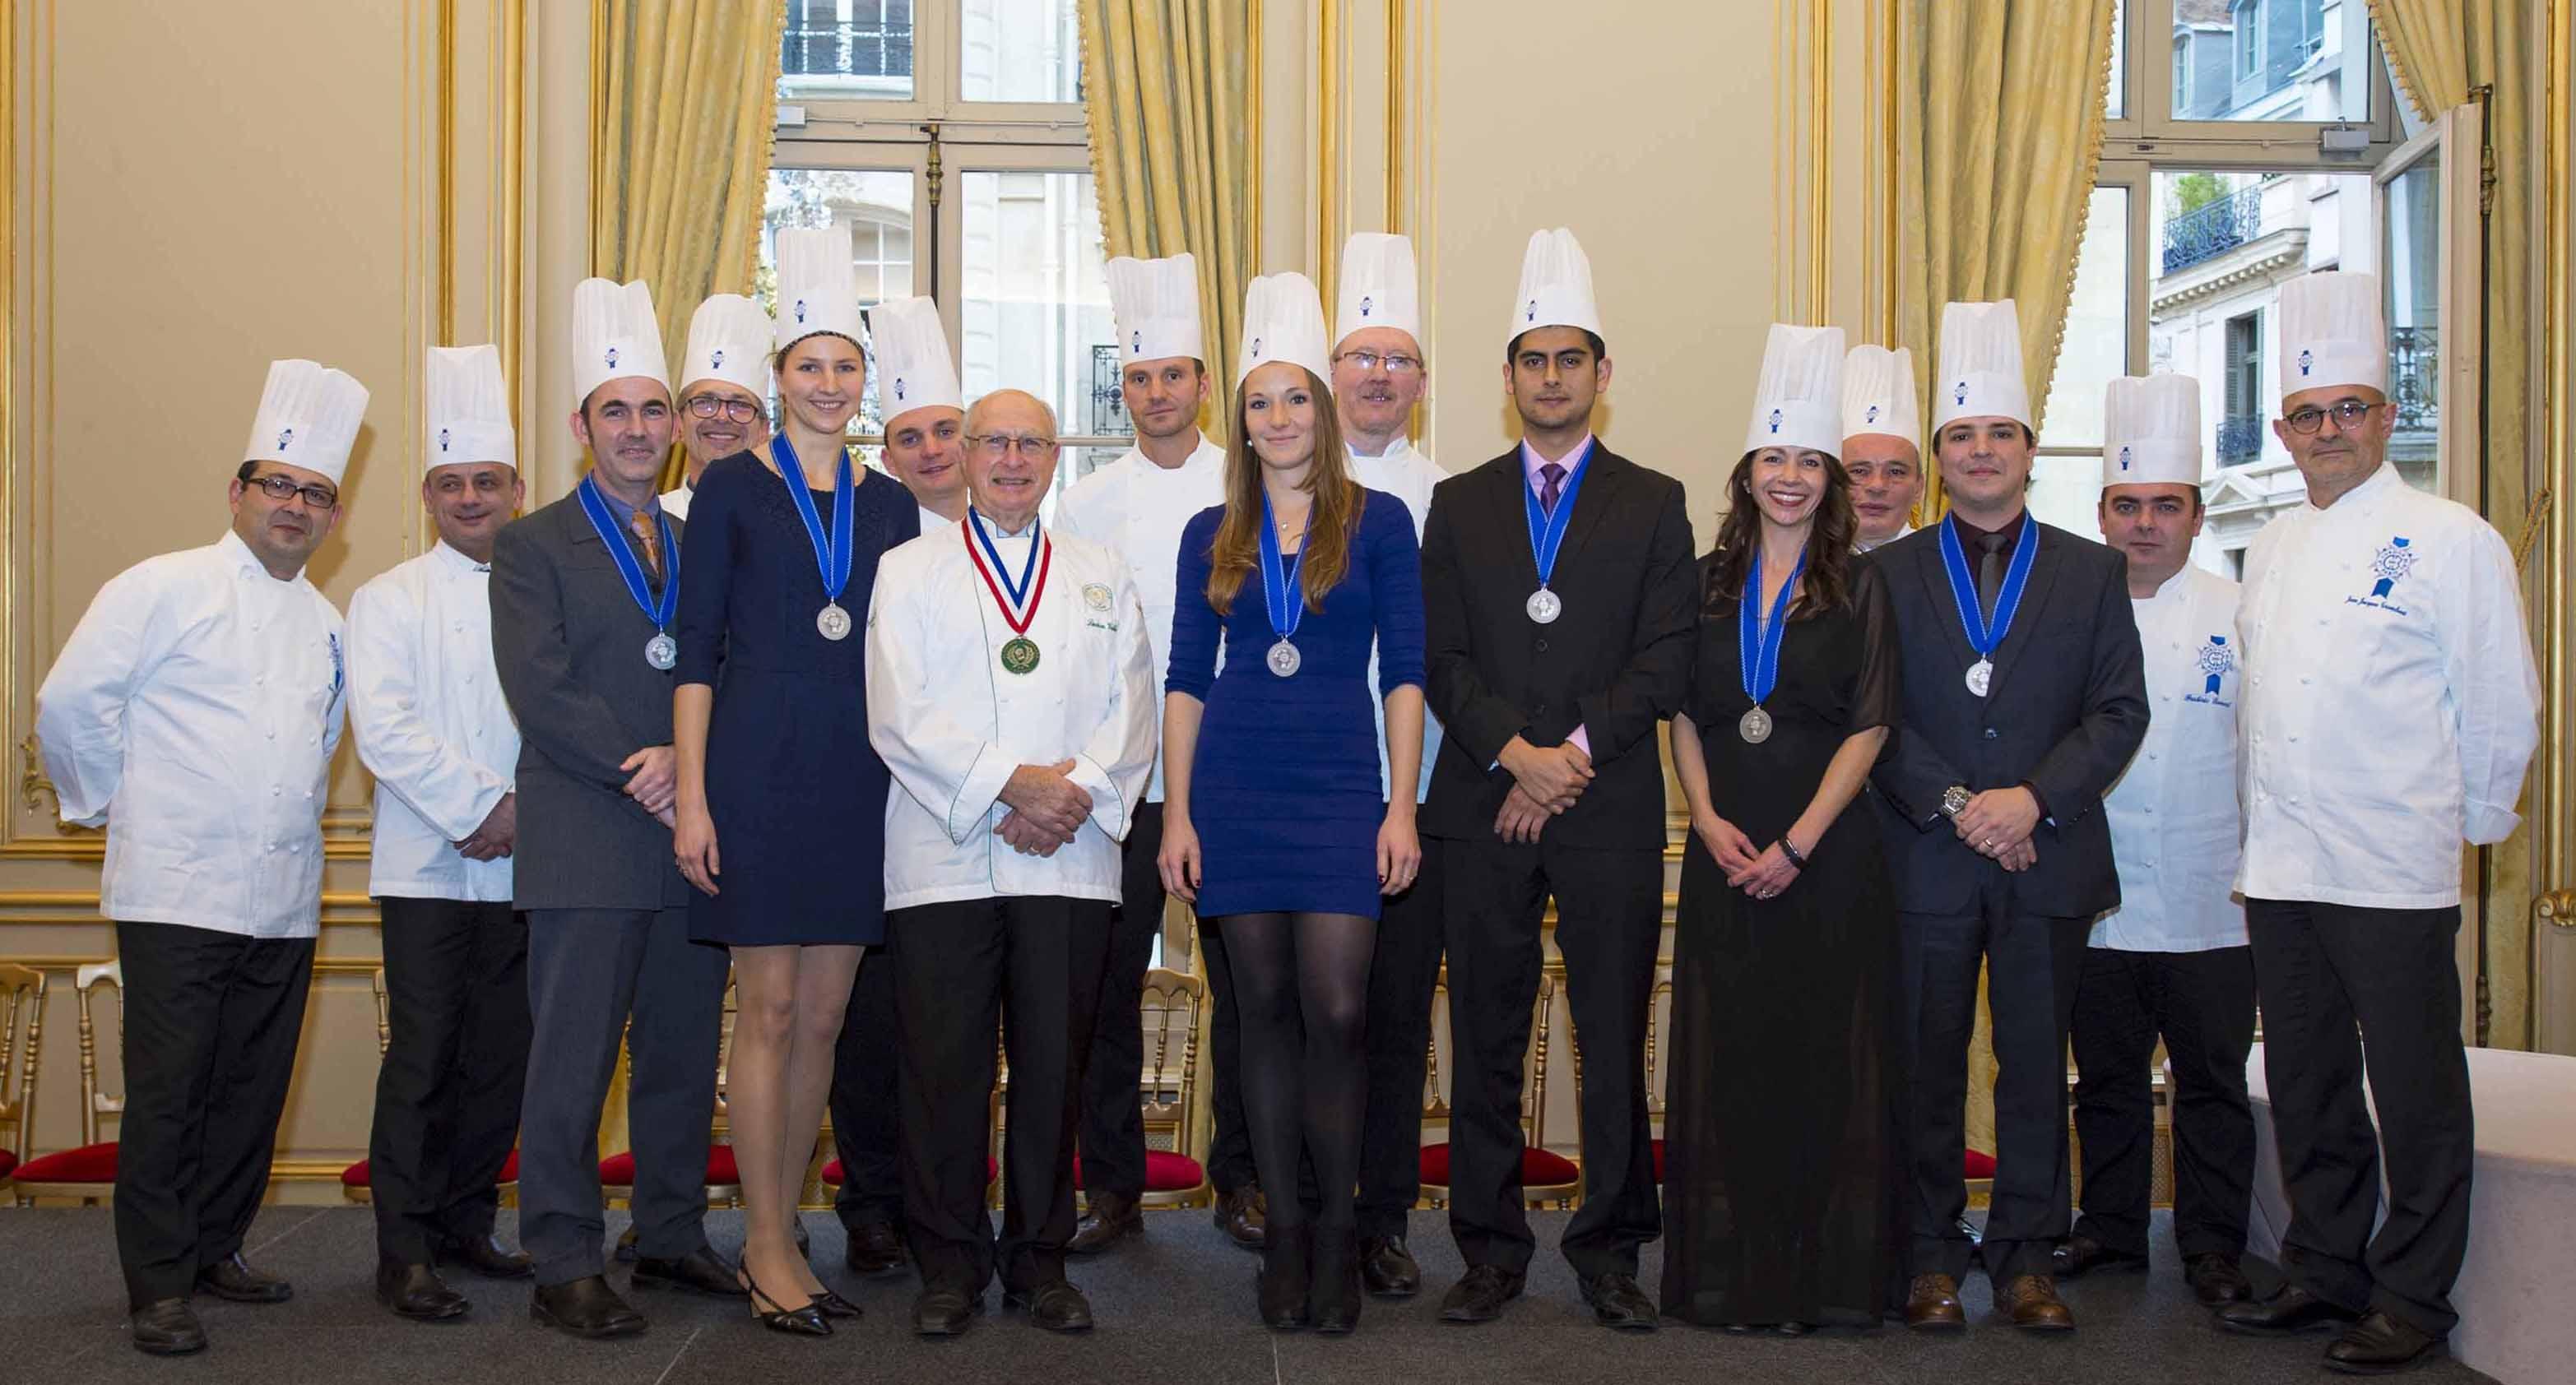 Sinh viên trường Le cordon Bleu chia sẻ một số kinh nghiệm về du học Úc. Cordon Bleu nổi tiếng về ngành nấu ăn,ngành quản trị nhà hàng khách sạn,quản trị nấu nướng.